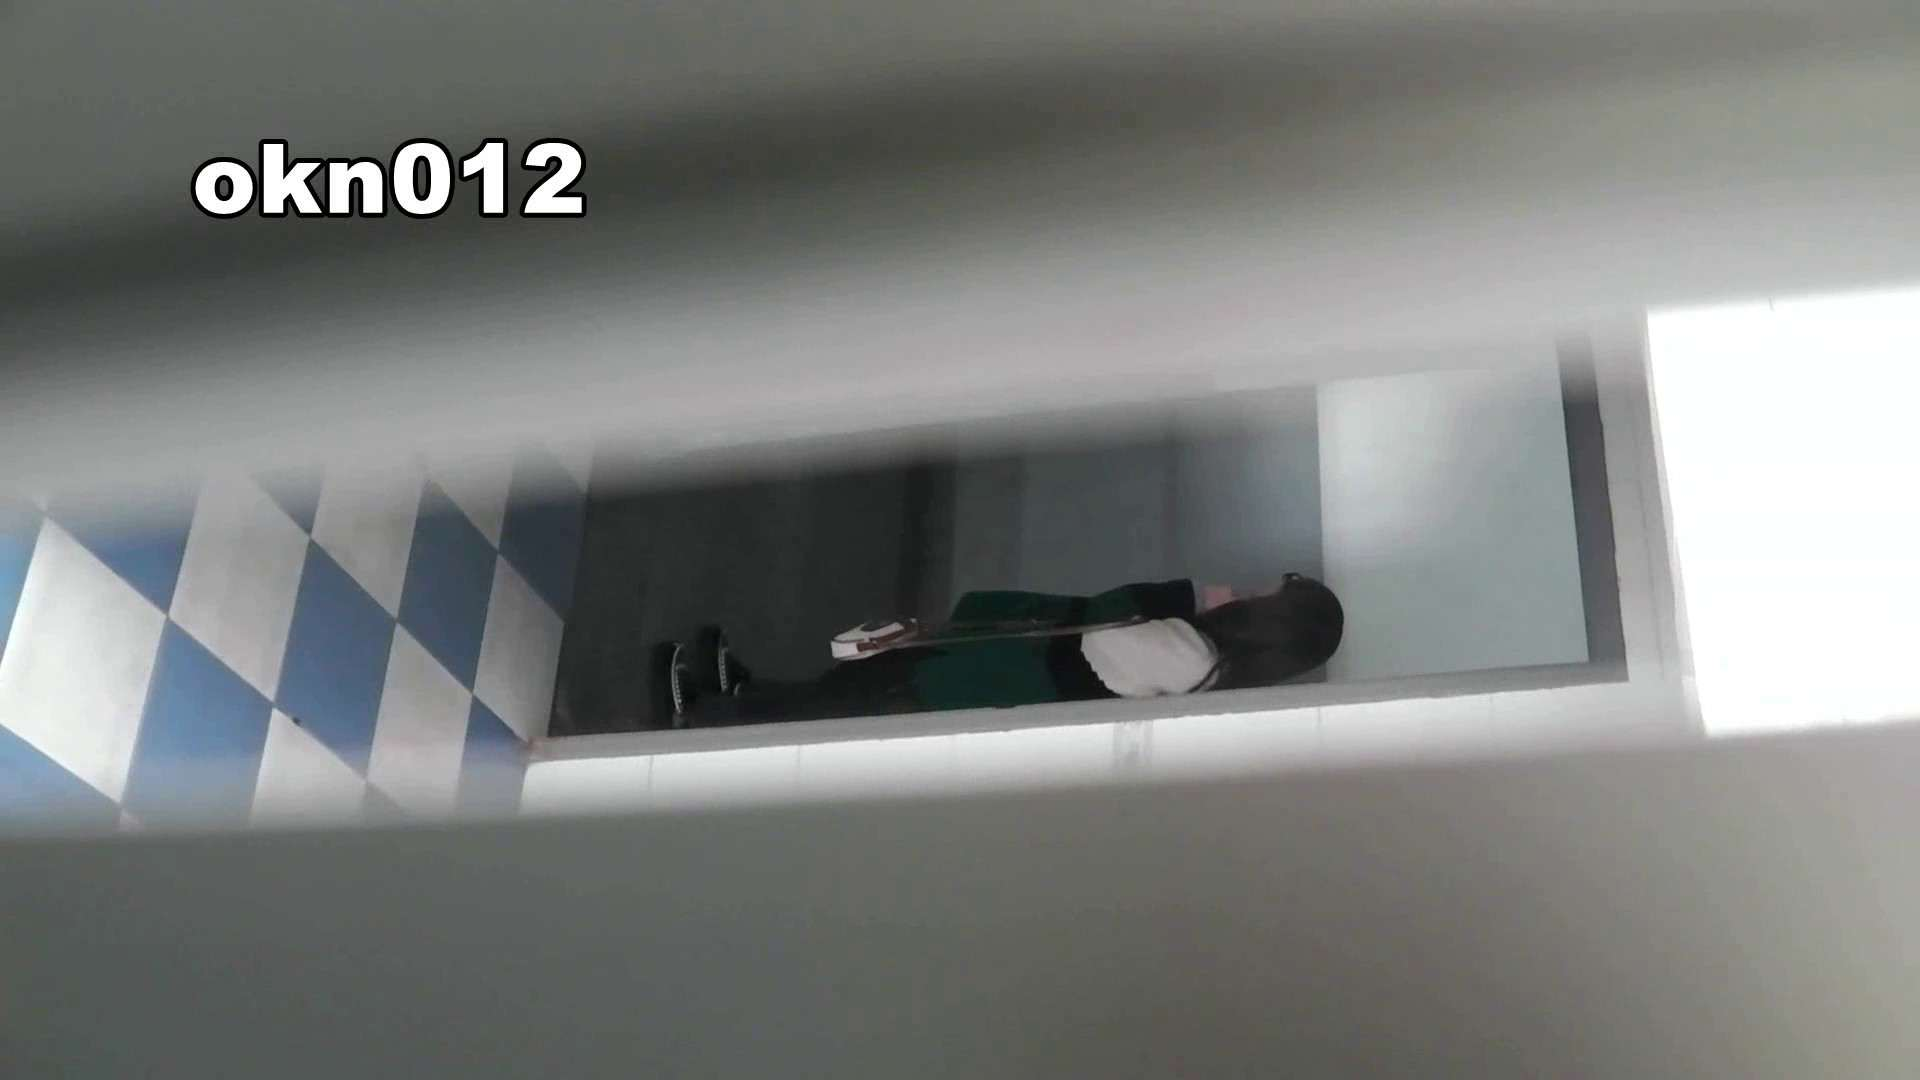 下からノゾム vol.012 長いものには 丸見え ヌード画像 83画像 2